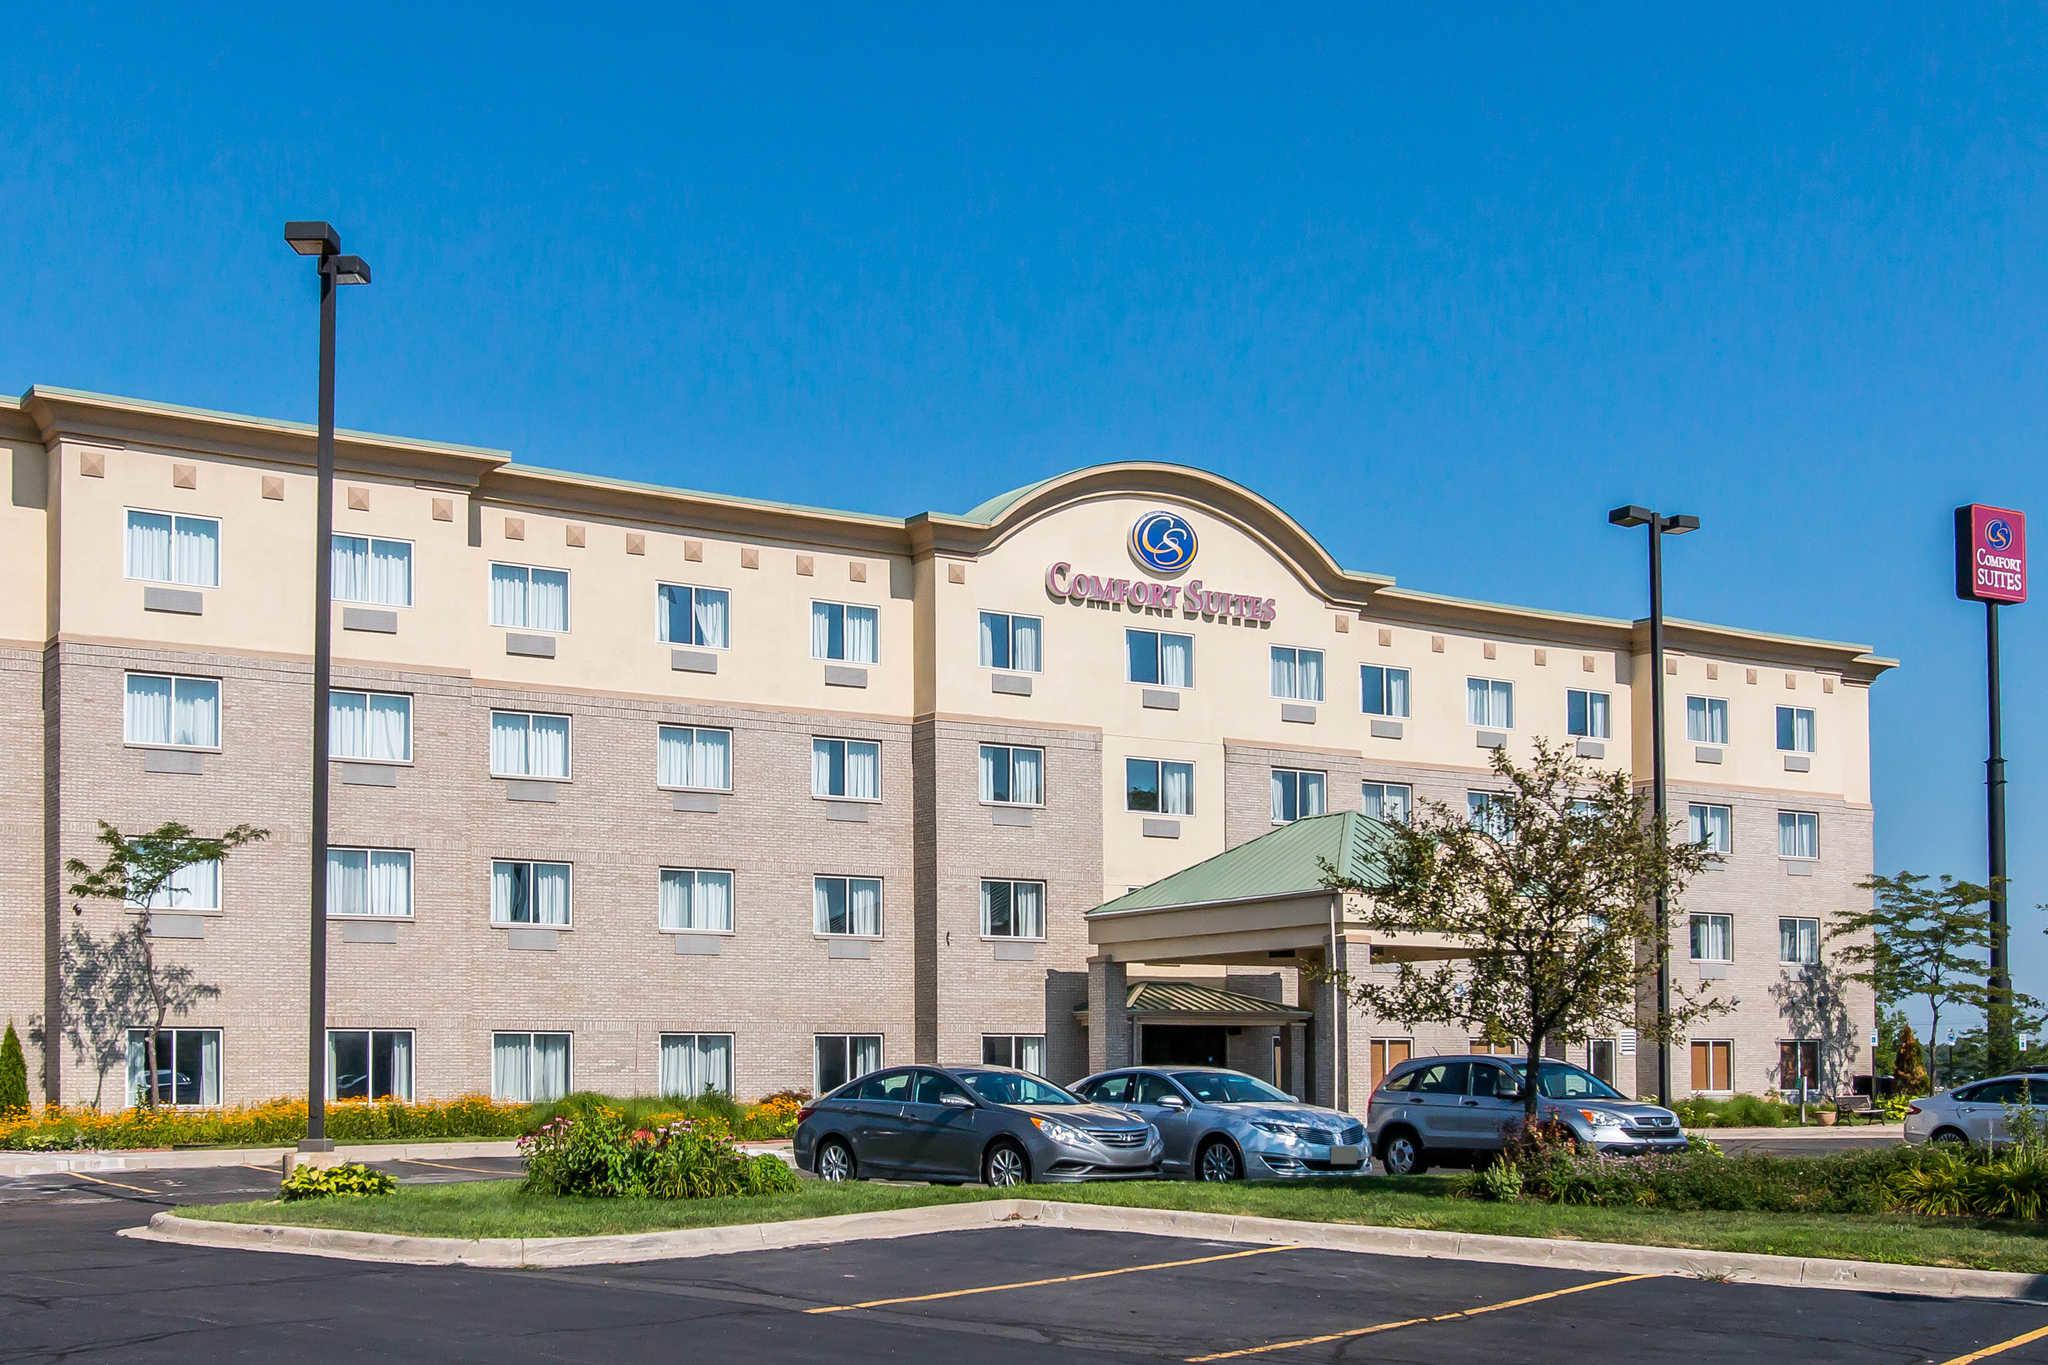 Hotels Near Wayne State University